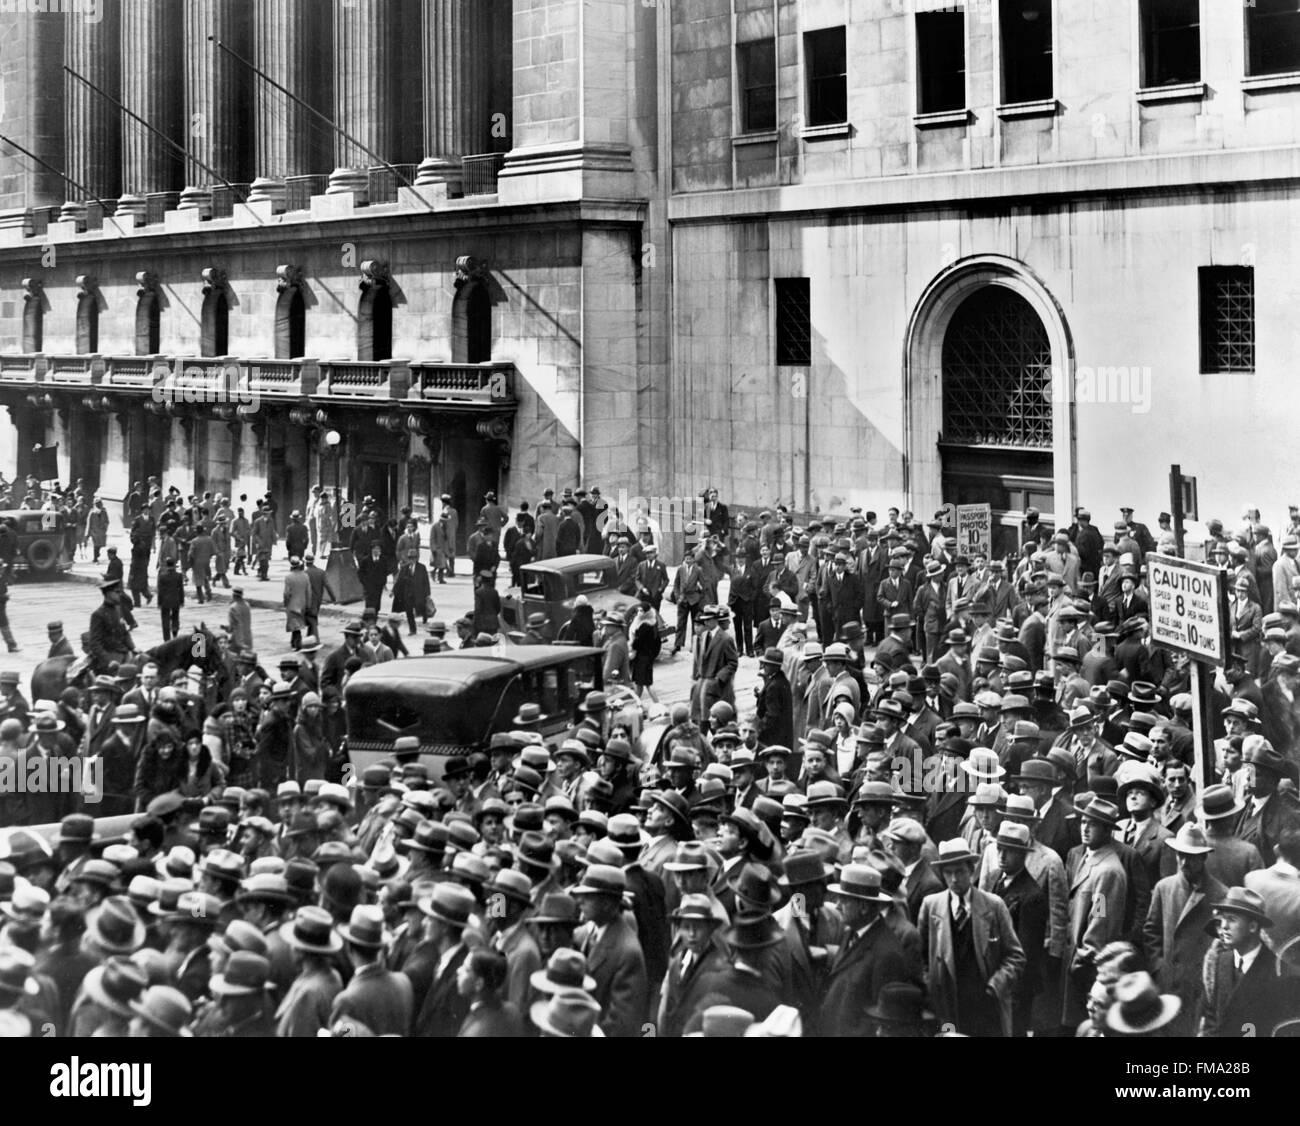 1929 photos 1929 images alamy for Bourse exterieur